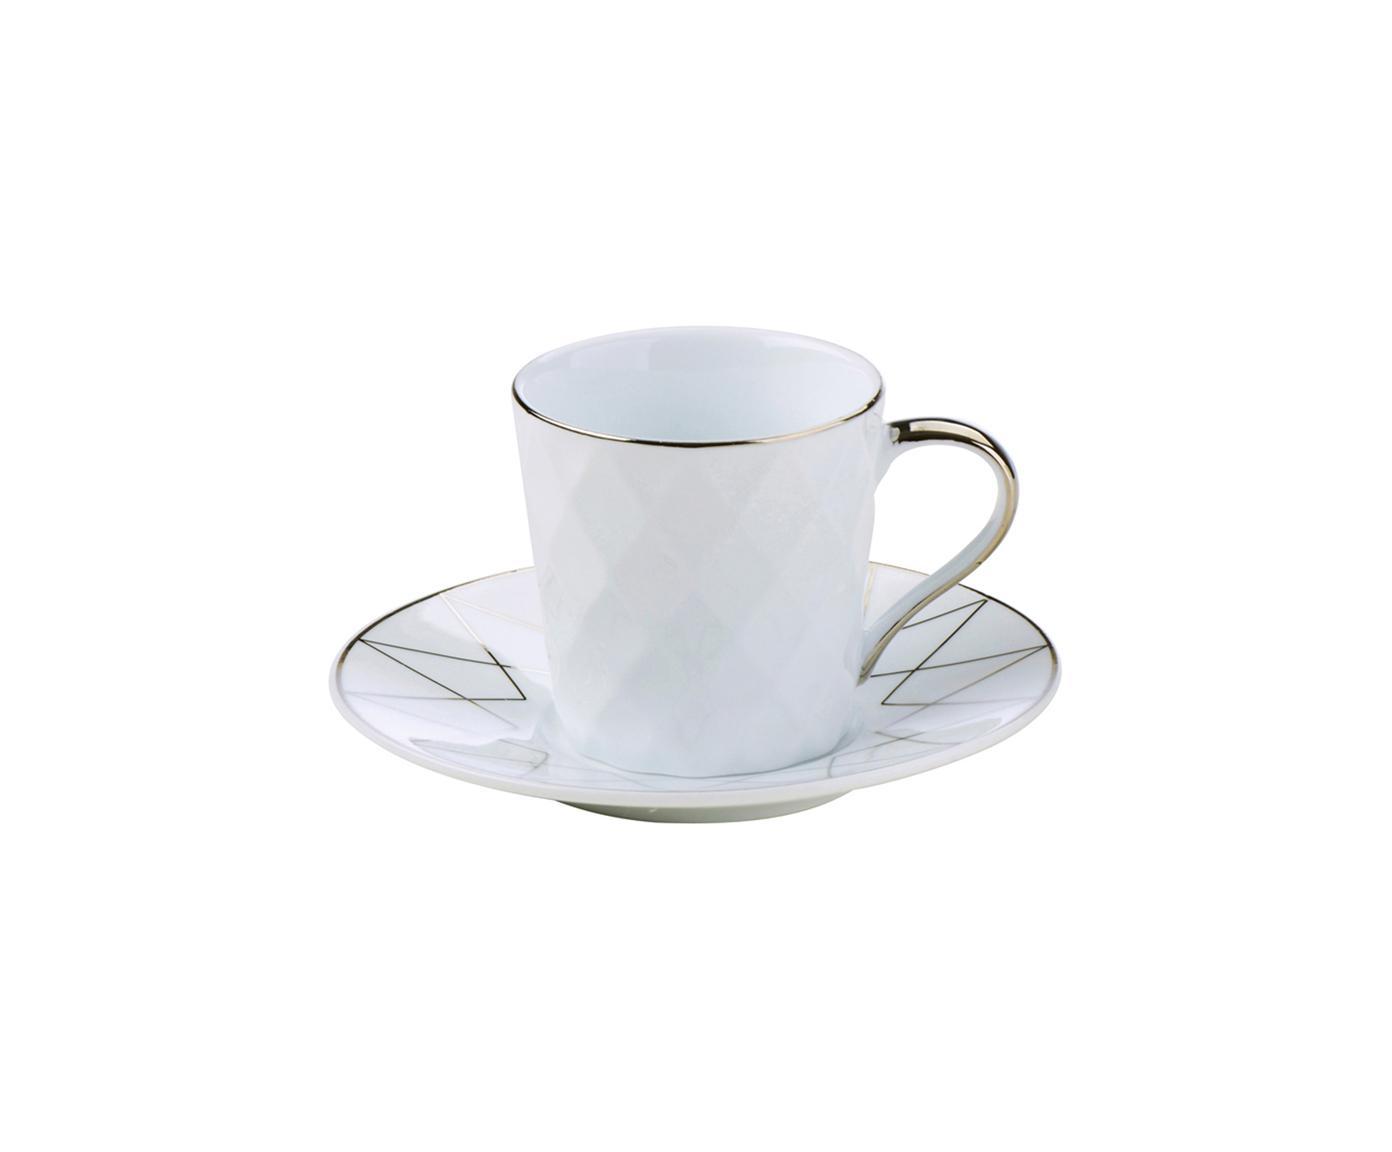 Espressokopjesset Lux, 6-delig, Porselein, Wit, platinakleurig, Ø 12 x H 6 cm